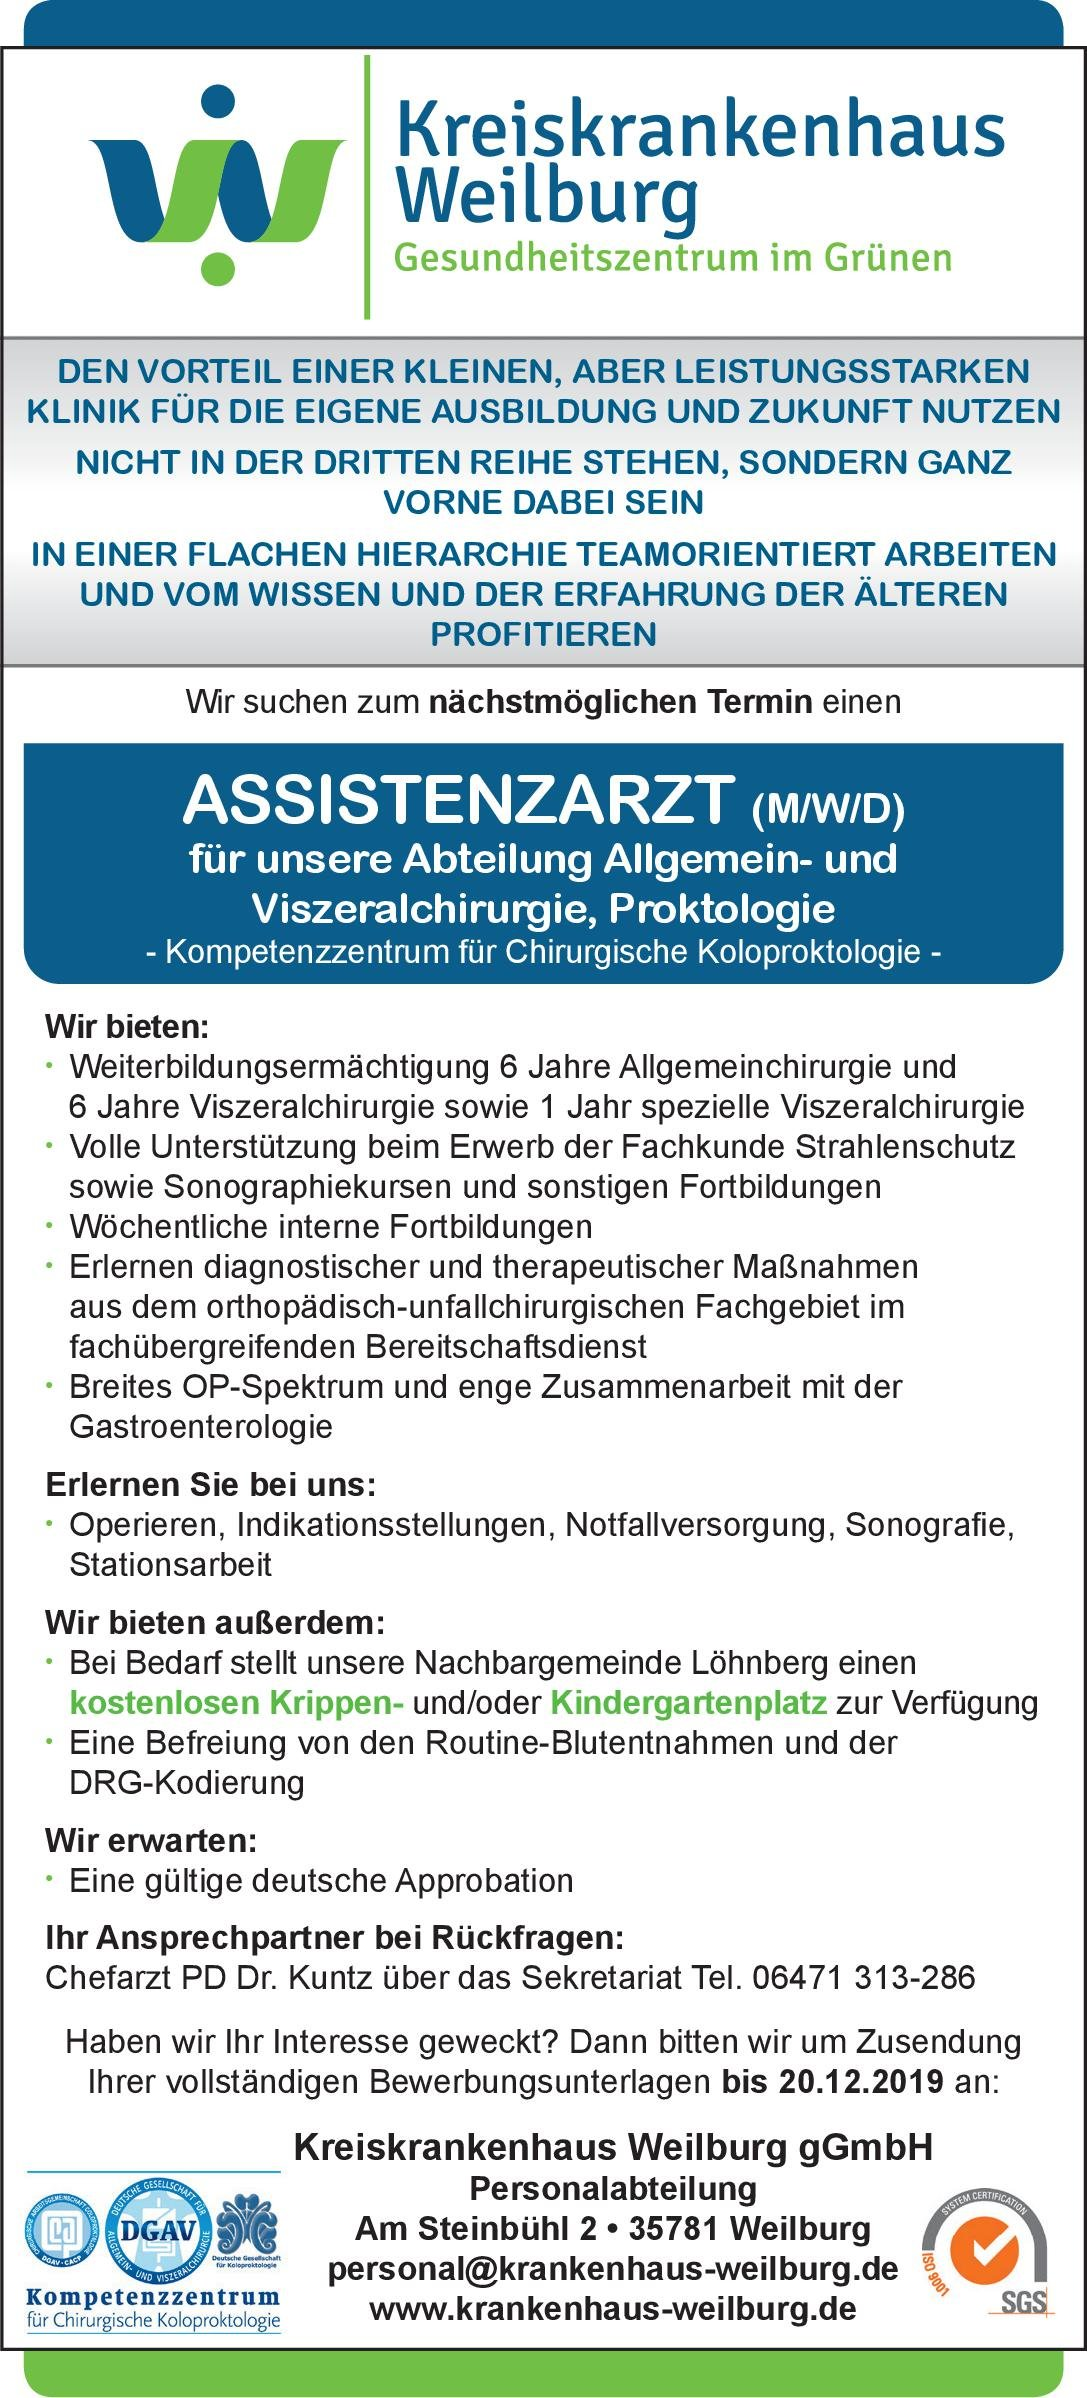 Kreiskrankenhaus Weilburg Assistenzarzt (m/w/d) für unsere Abteilung Allgemein- und Viszeralchirurgie, Proktologie  Allgemeinchirurgie, Viszeralchirurgie Assistenzarzt / Arzt in Weiterbildung